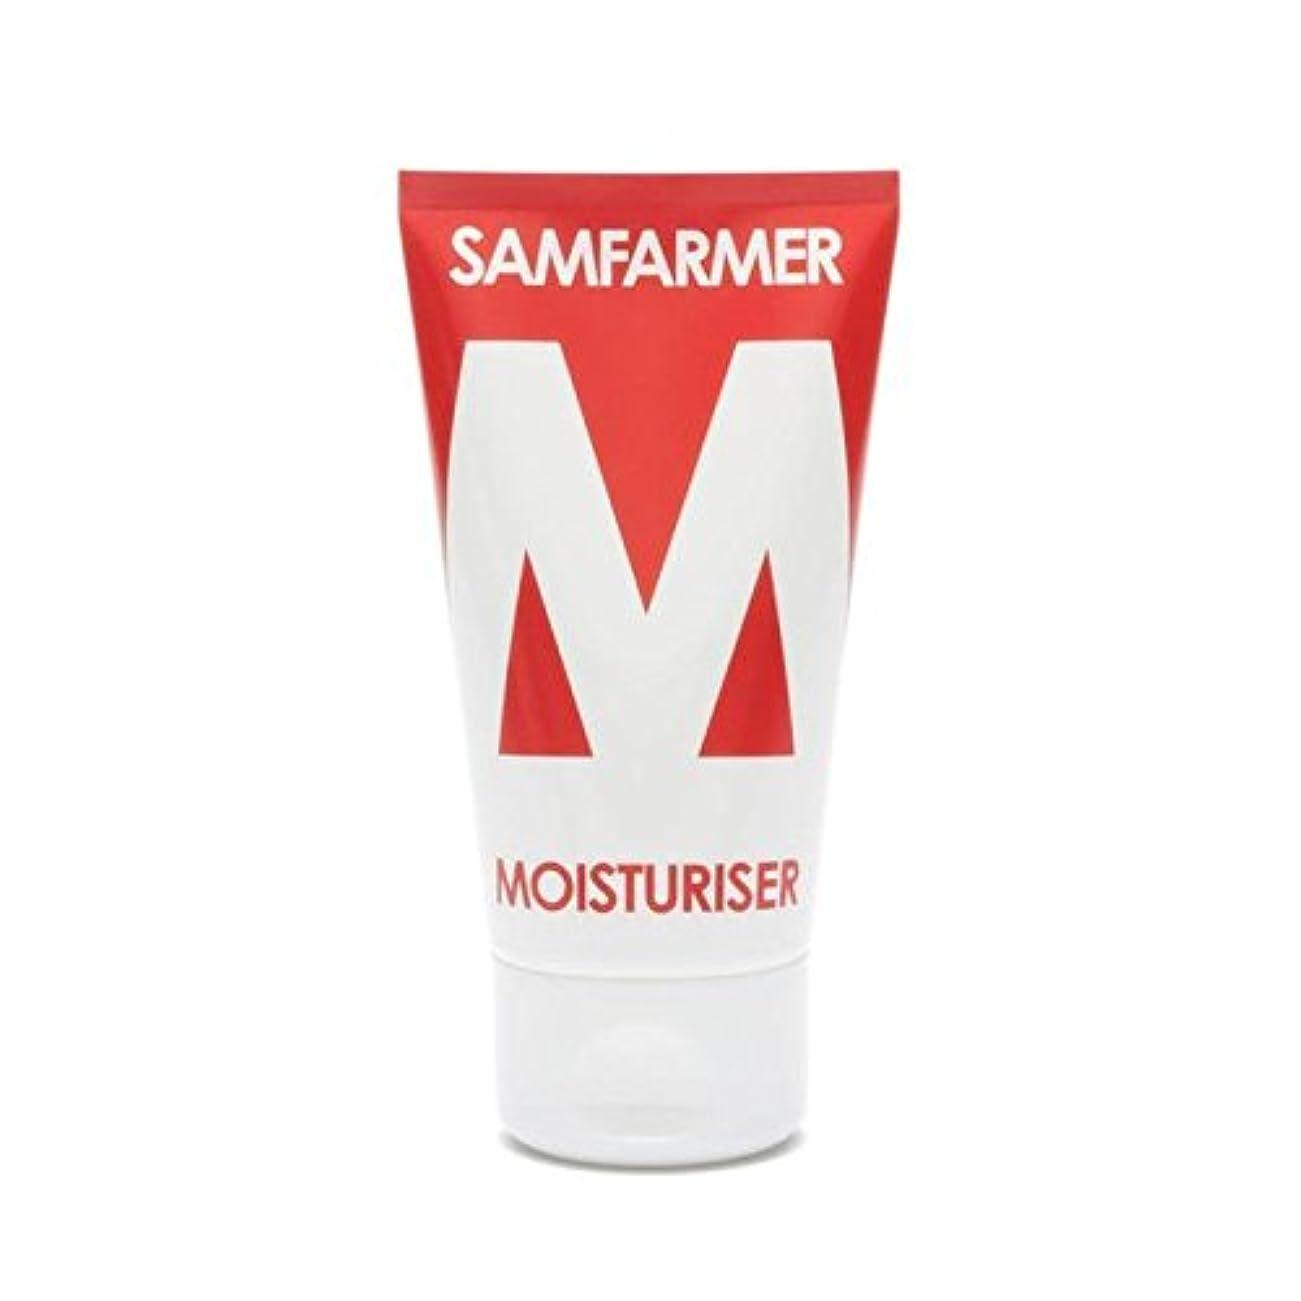 ペルソナ不器用腹部ユニセックス保湿50ミリリットル x4 - SAMFARMER Unisex Moisturiser 50ml (Pack of 4) [並行輸入品]